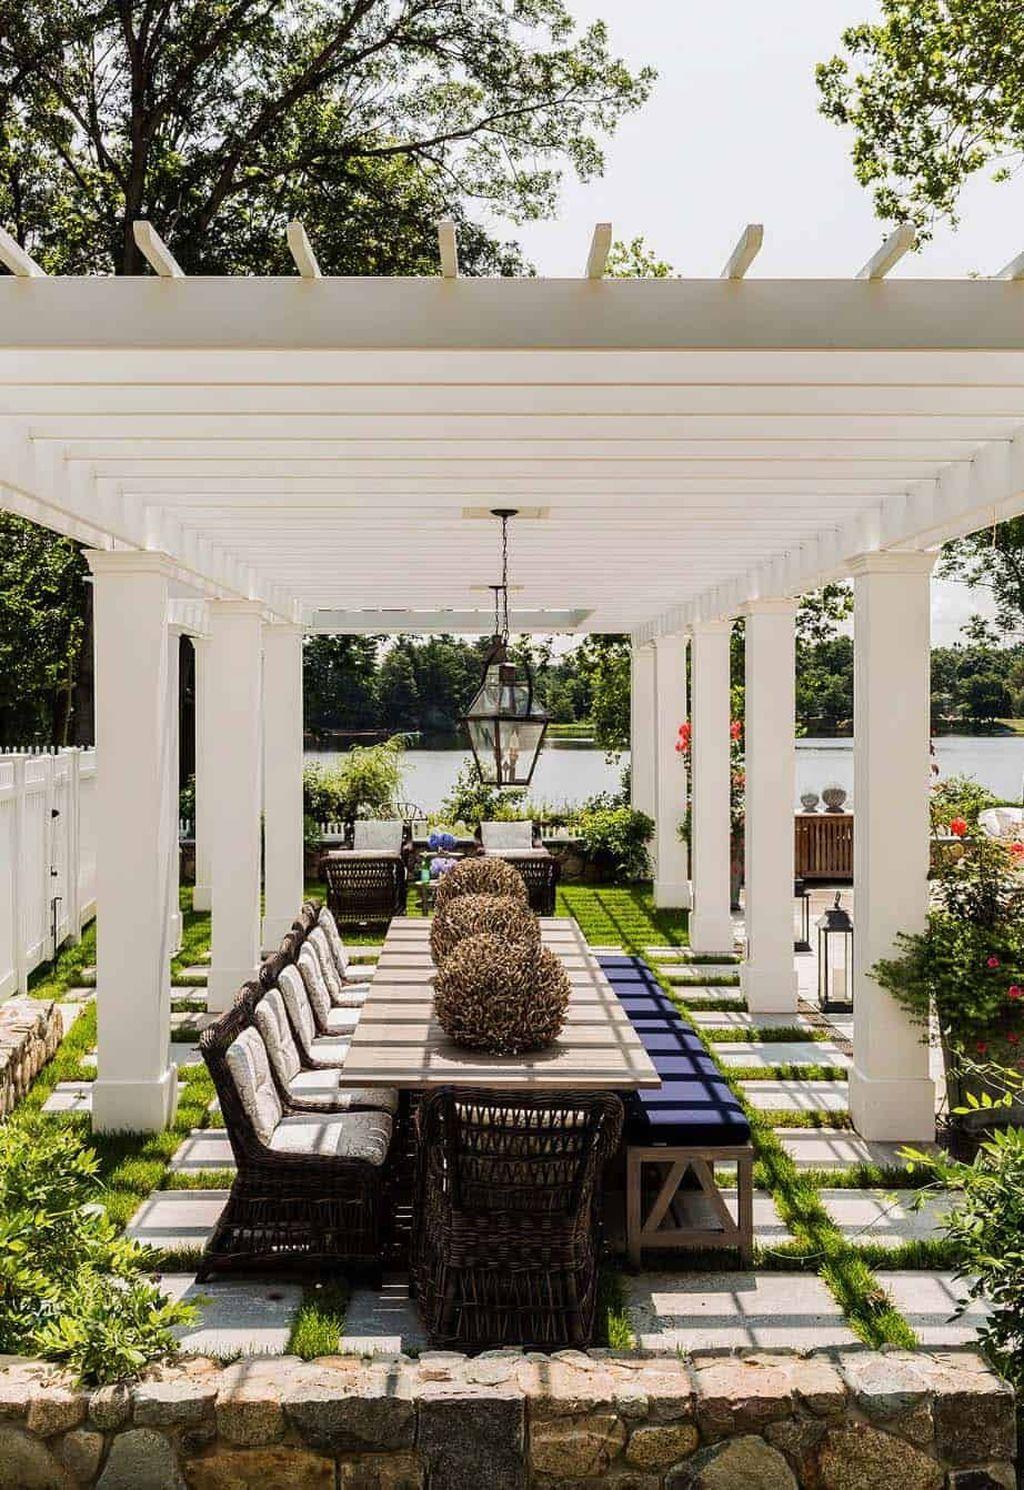 Inspiring Pergola Patio Design Ideas For Your Backyard Decor 10